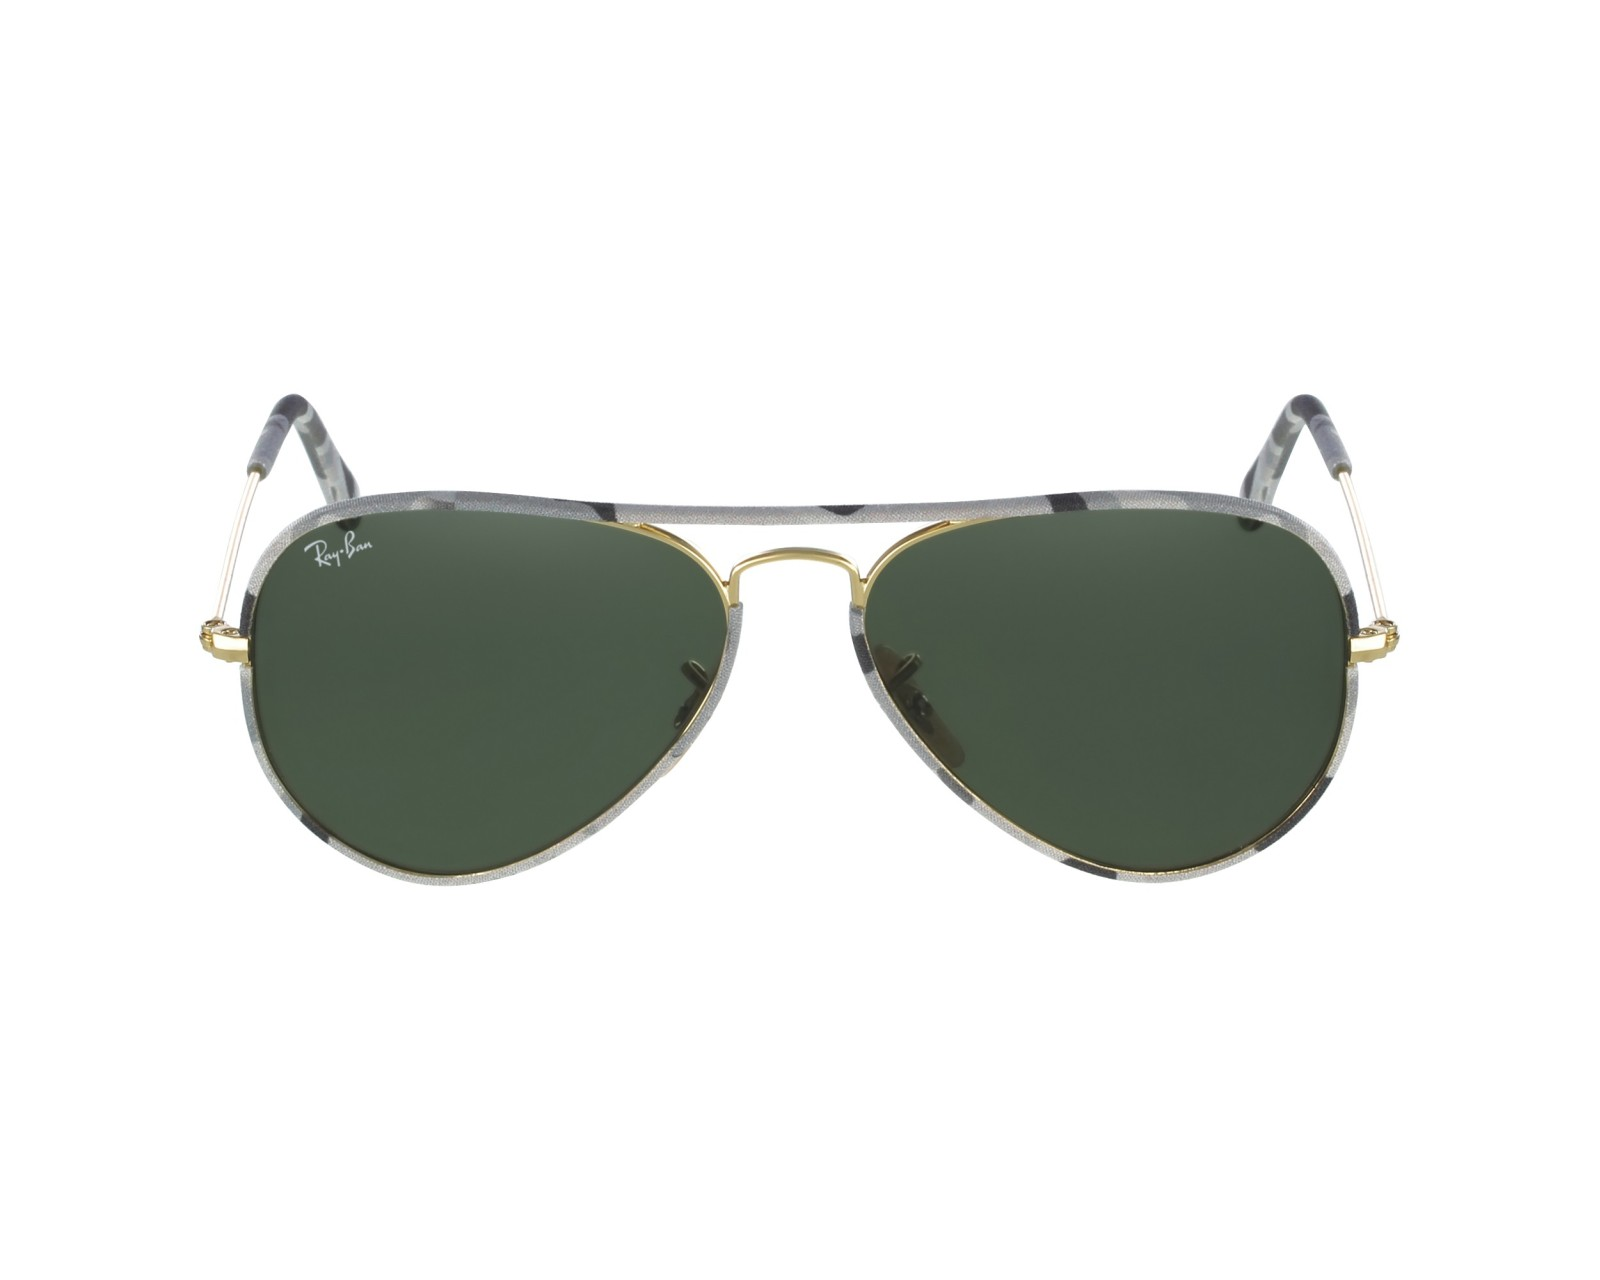 e7e29e0138 Sonnenbrille Rb 3025 Jm Aviator Full Color 55